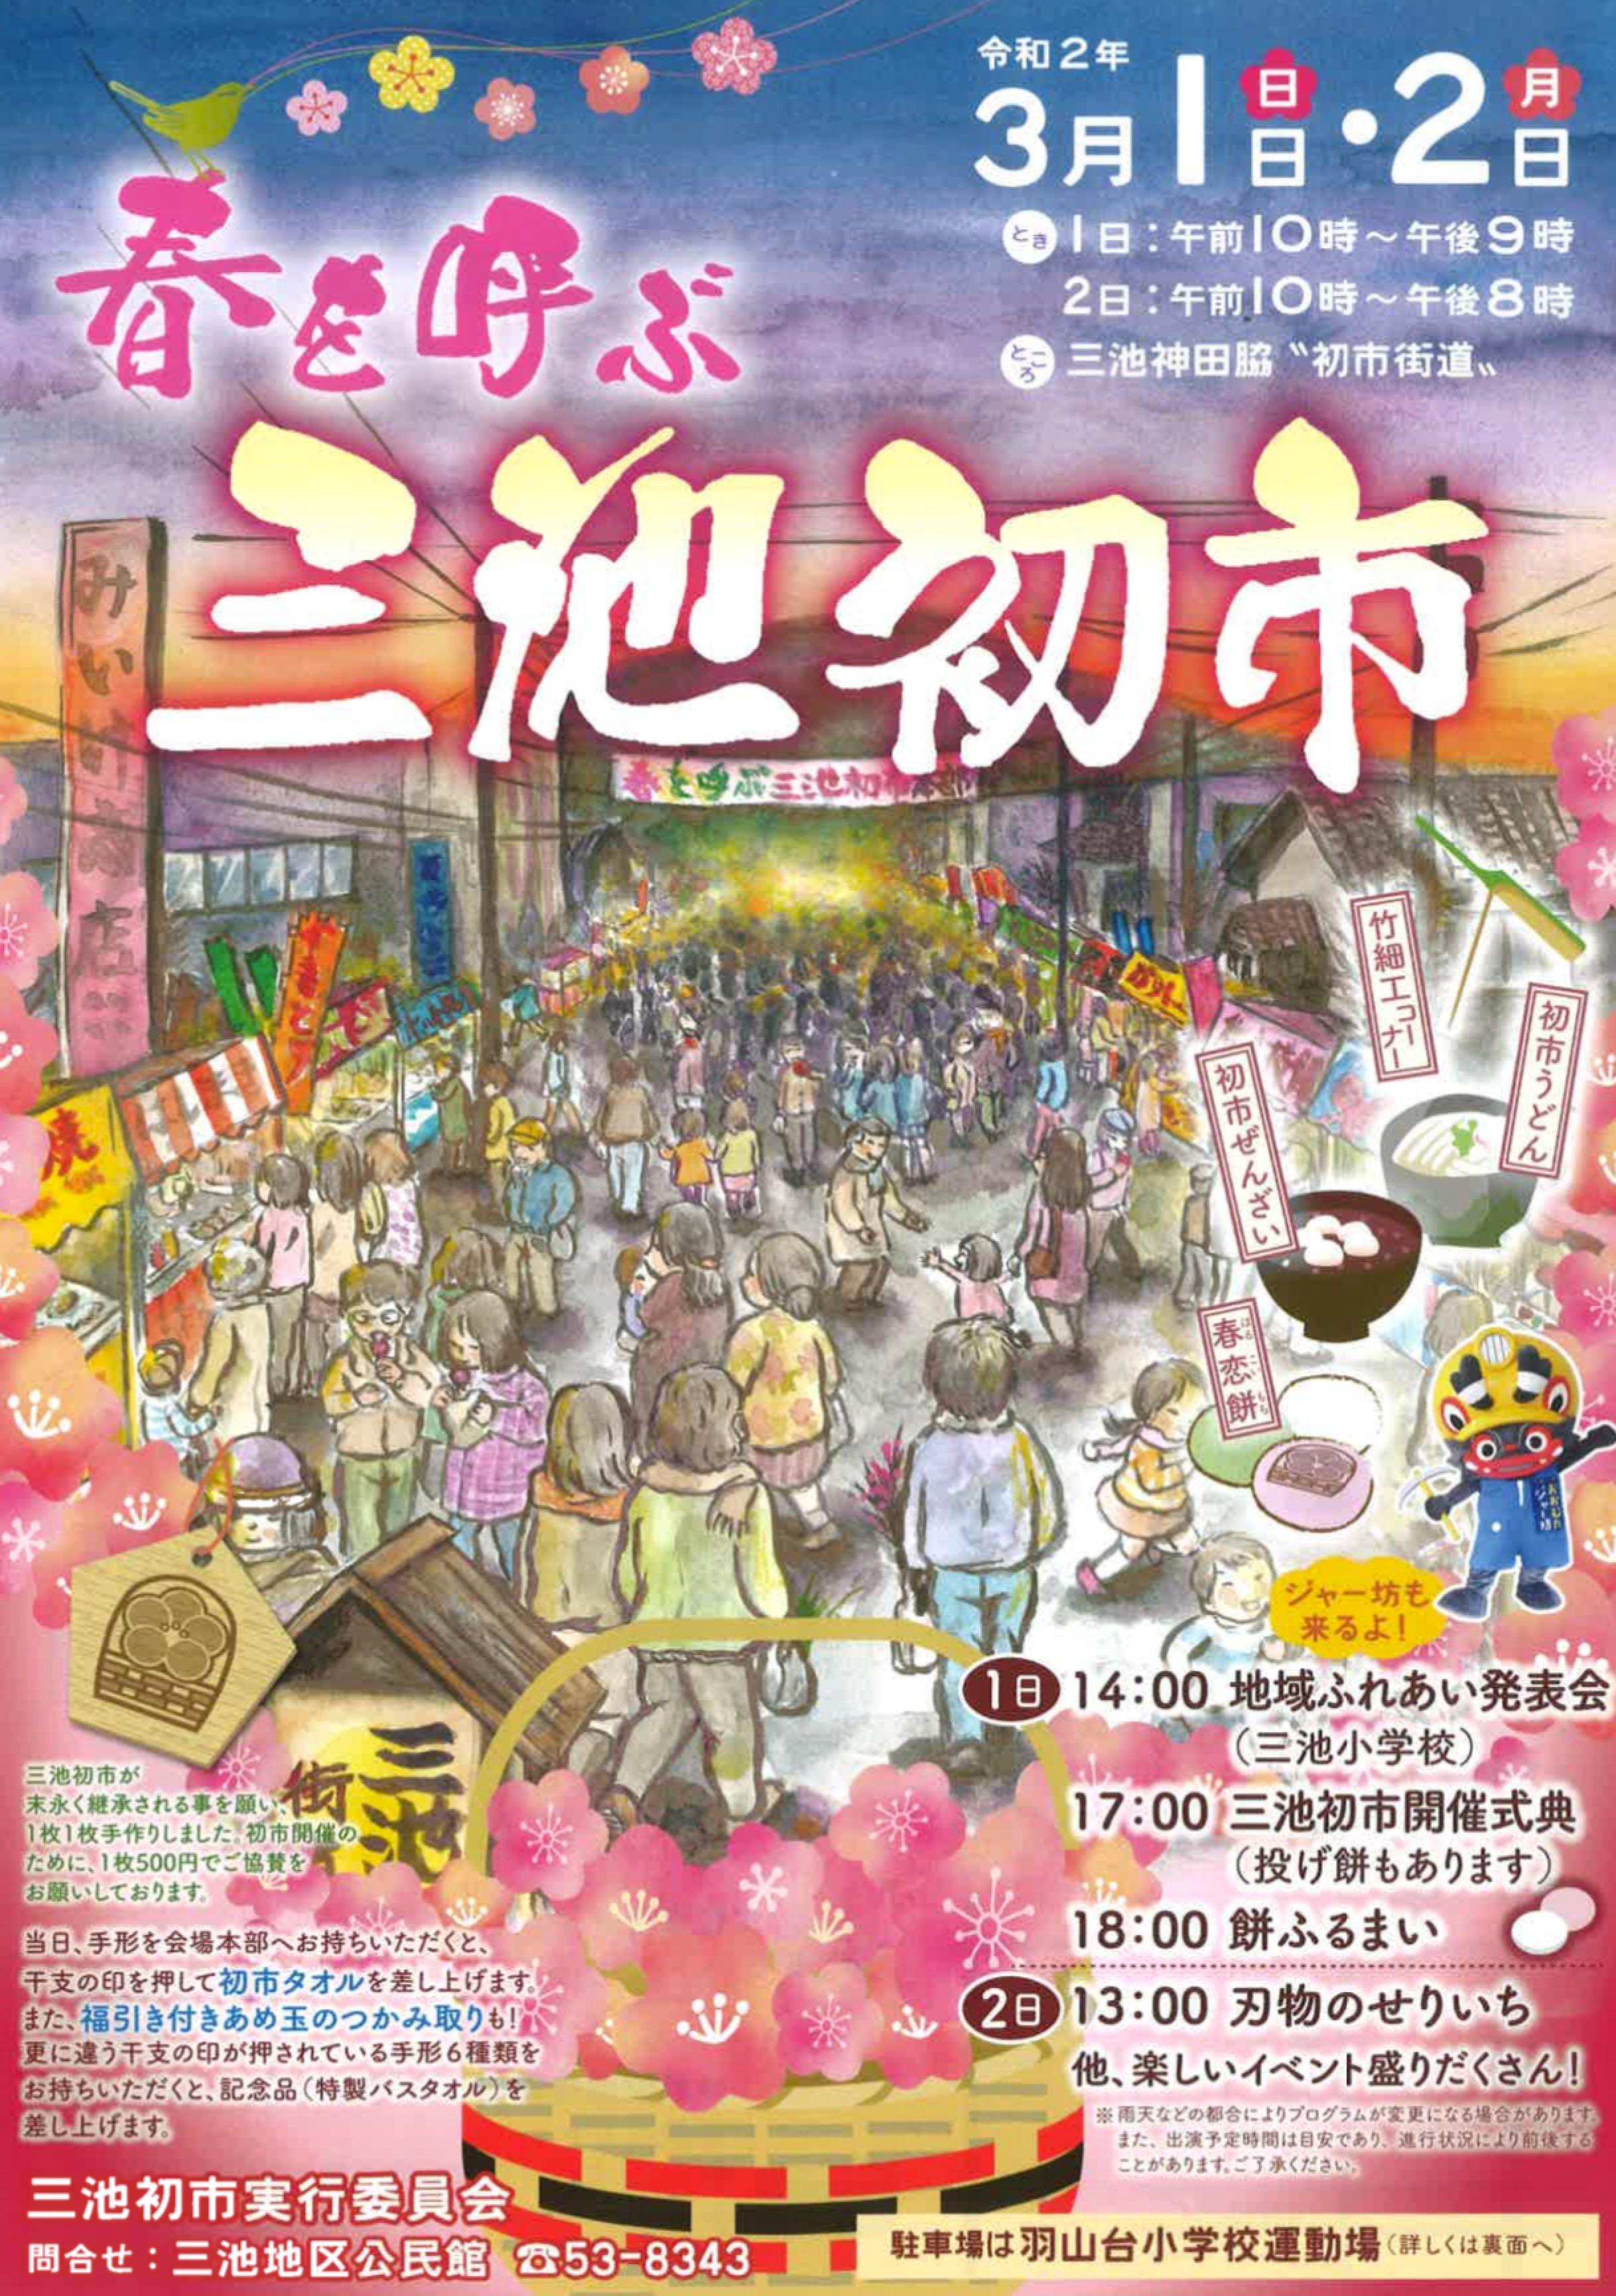 三池初市 約200の出店が並ぶ!ふるまい餅やせりいちなど開催【大牟田】